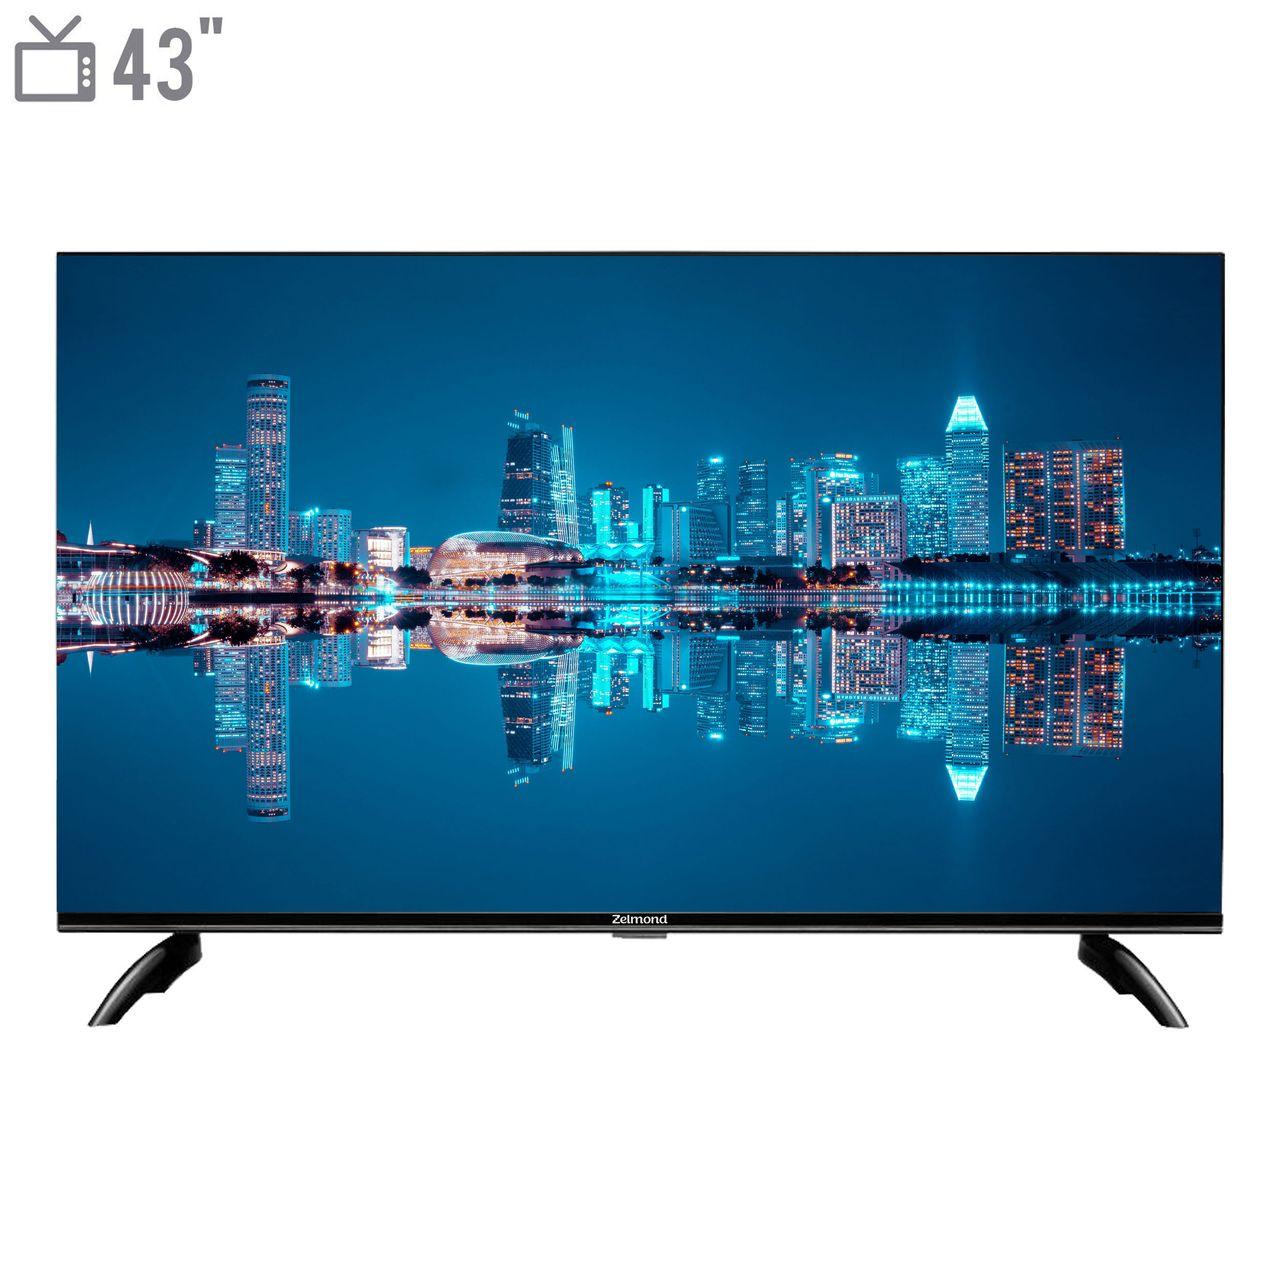 تلویزیون هوشمند ال ای دی زلموند مدل ZL-43SF538 سایز 43 اینچ